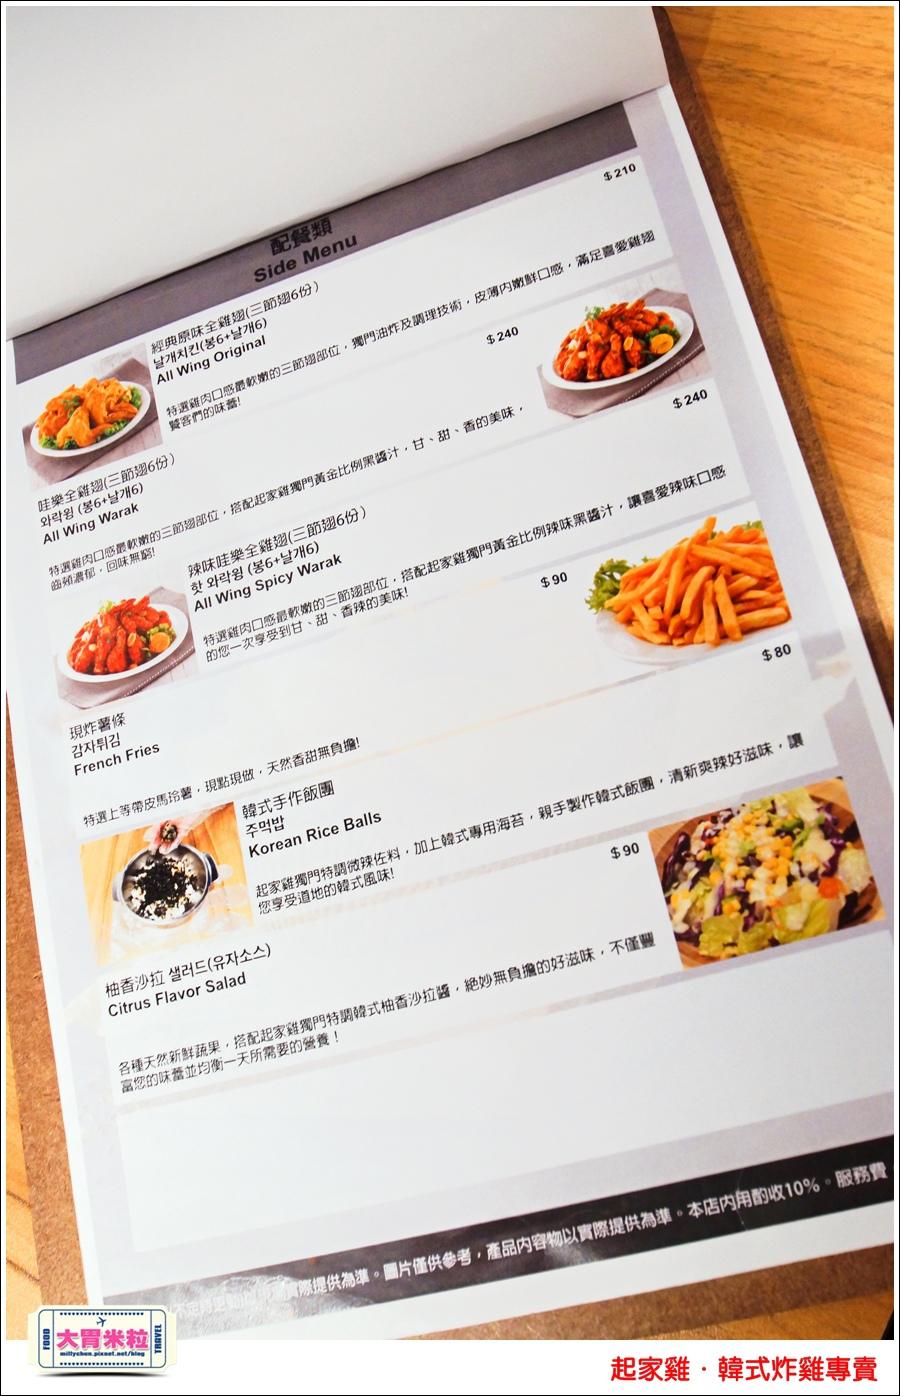 台北韓式炸雞推薦@起家雞Cheogajip哇樂炸雞@大胃米粒0026.jpg